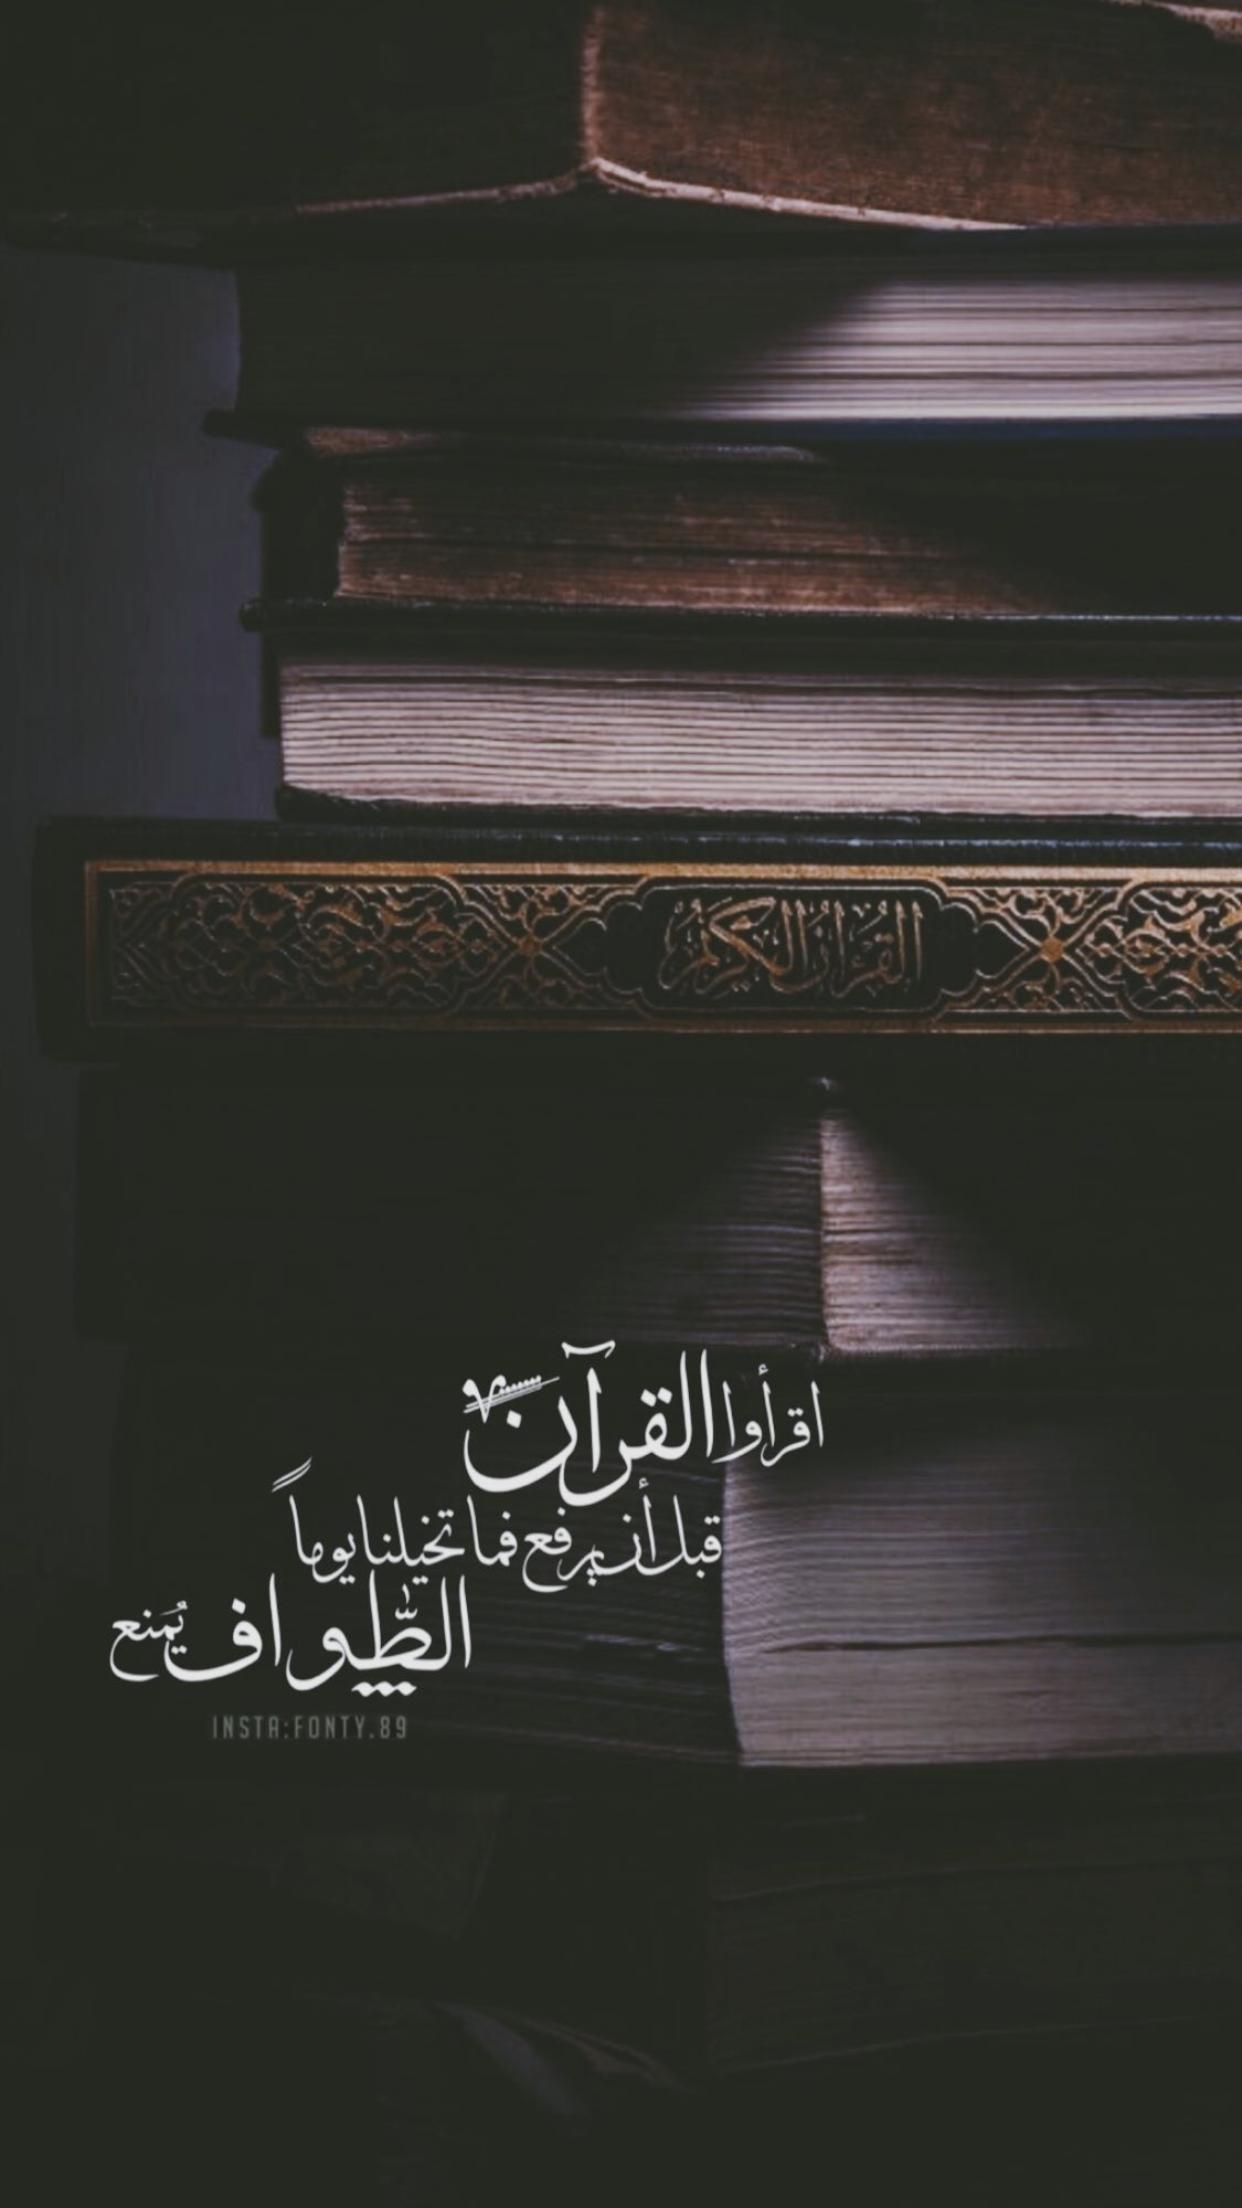 اقرأوا القرآن قبل أن يرفع فما تخلينا يوما الطواف يمنع Islamic Inspirational Quotes Inspirational Quotes Inspiration